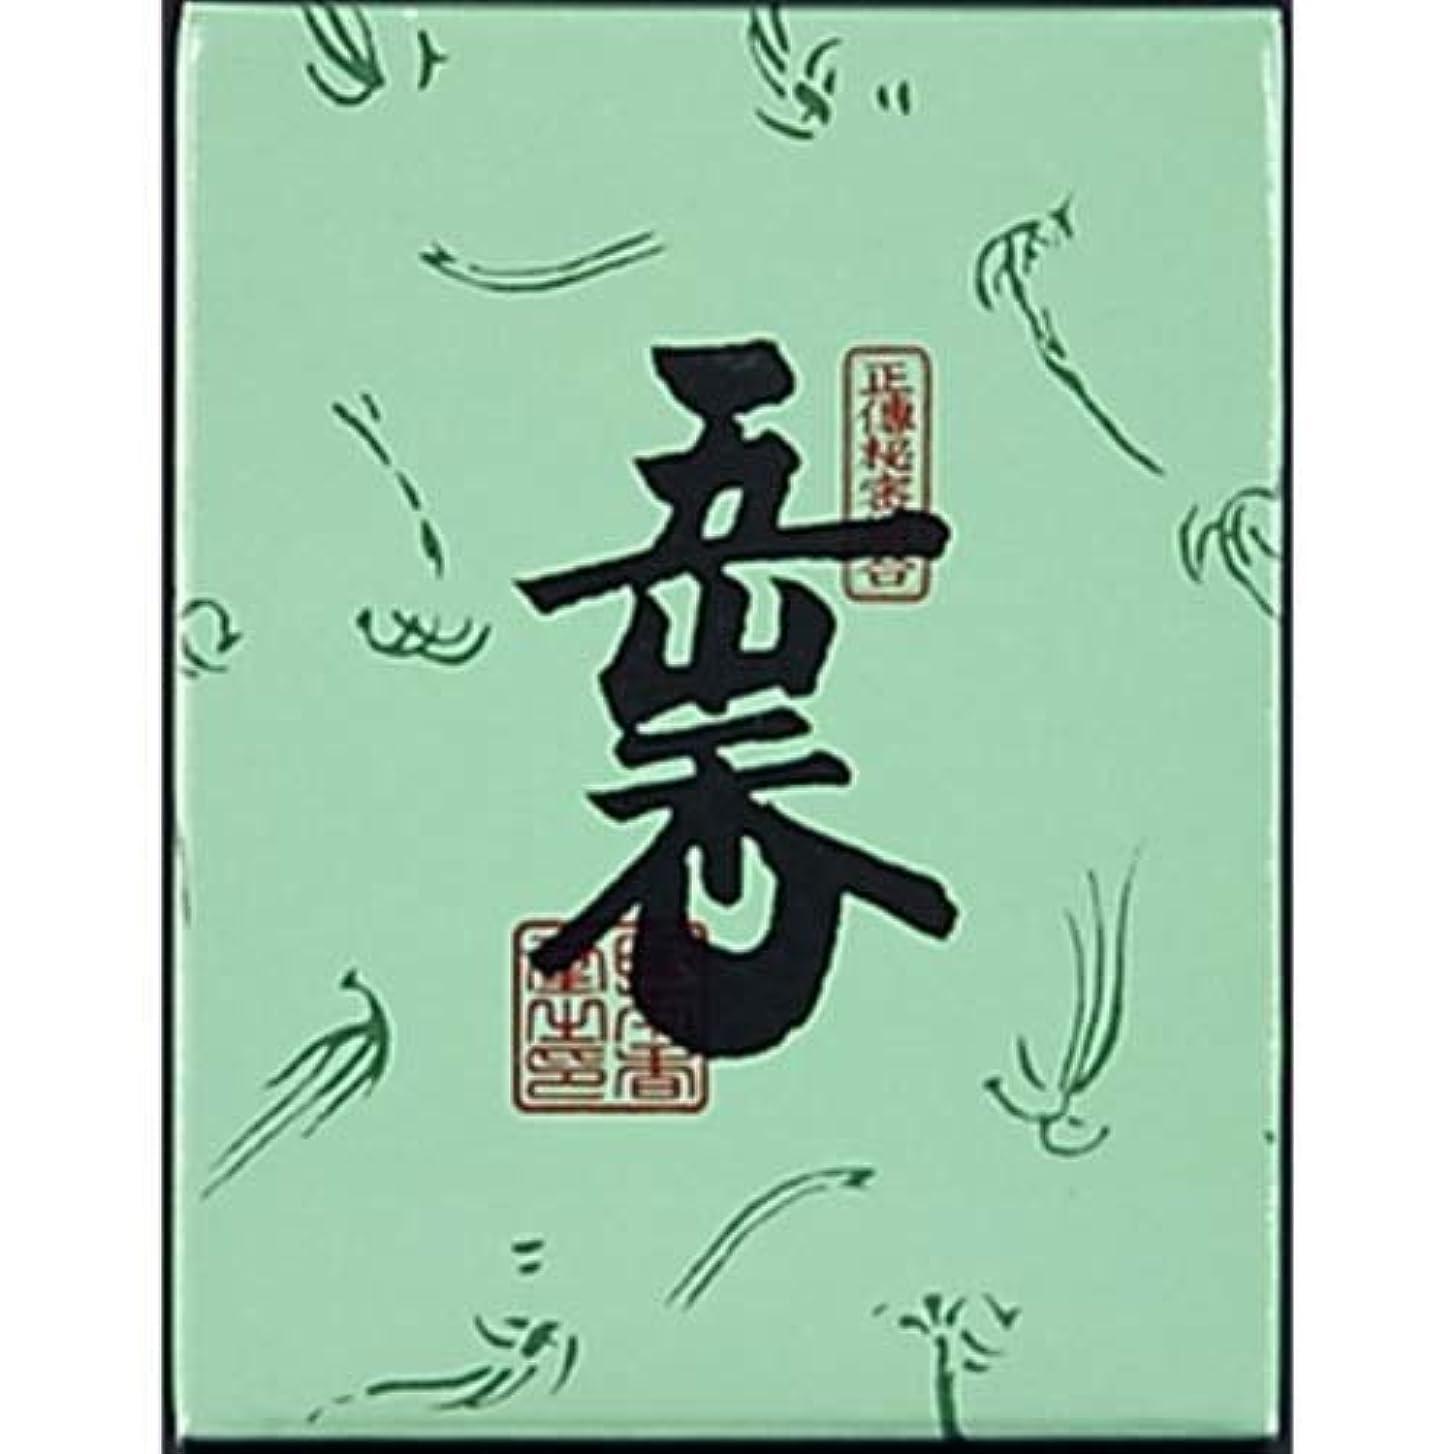 ハーフ残酷な一目五山香 紙箱 30g入